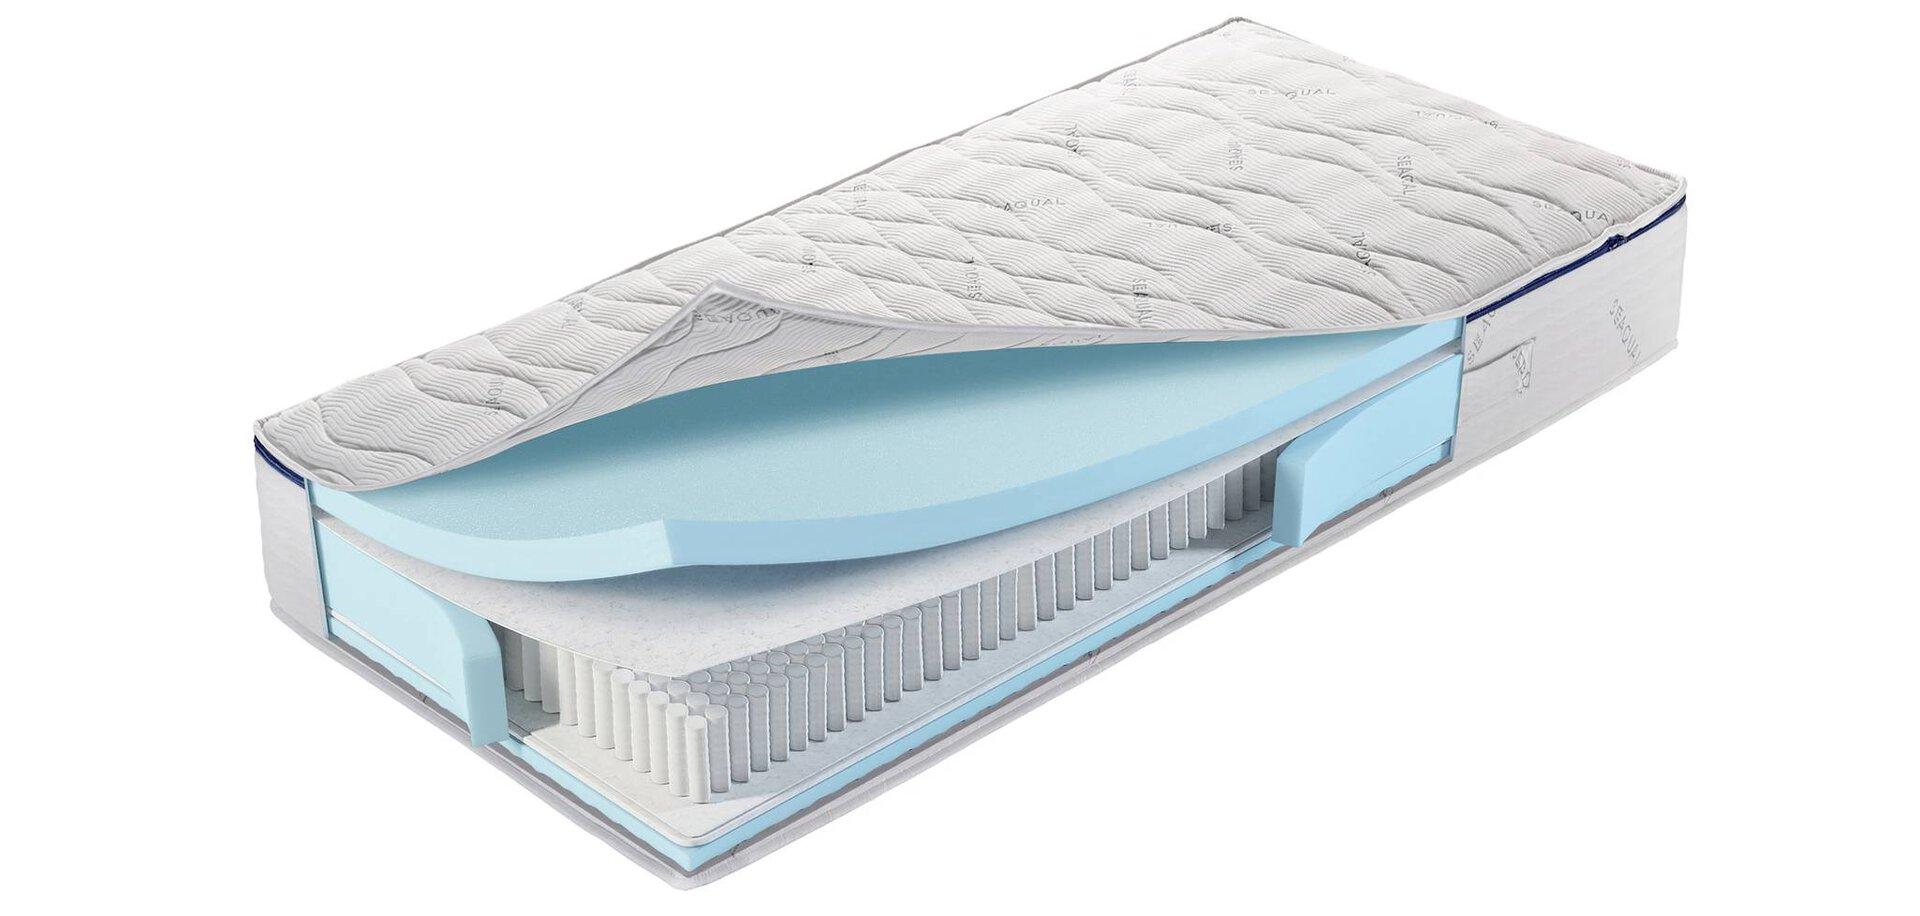 Taschenfederkernmatratze Deepblue Leros MONDO Textil weiß 100 x 22 x 200 cm